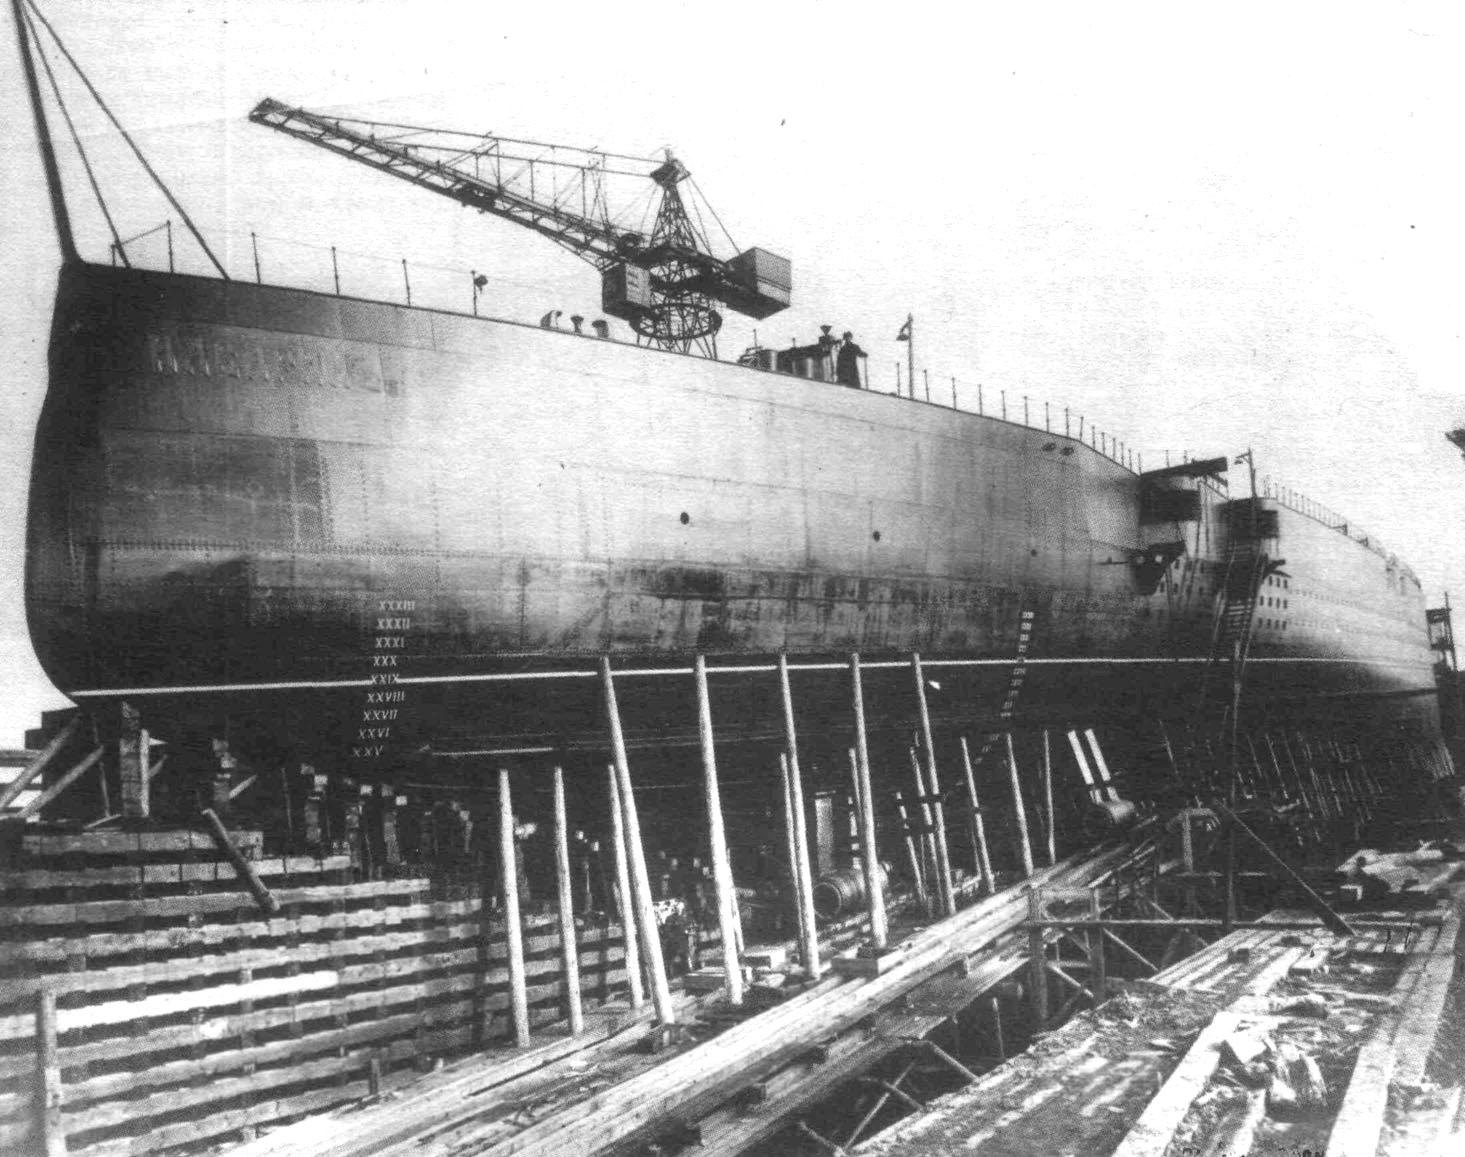 Az építés alatt álló Navarin csatacirkáló.